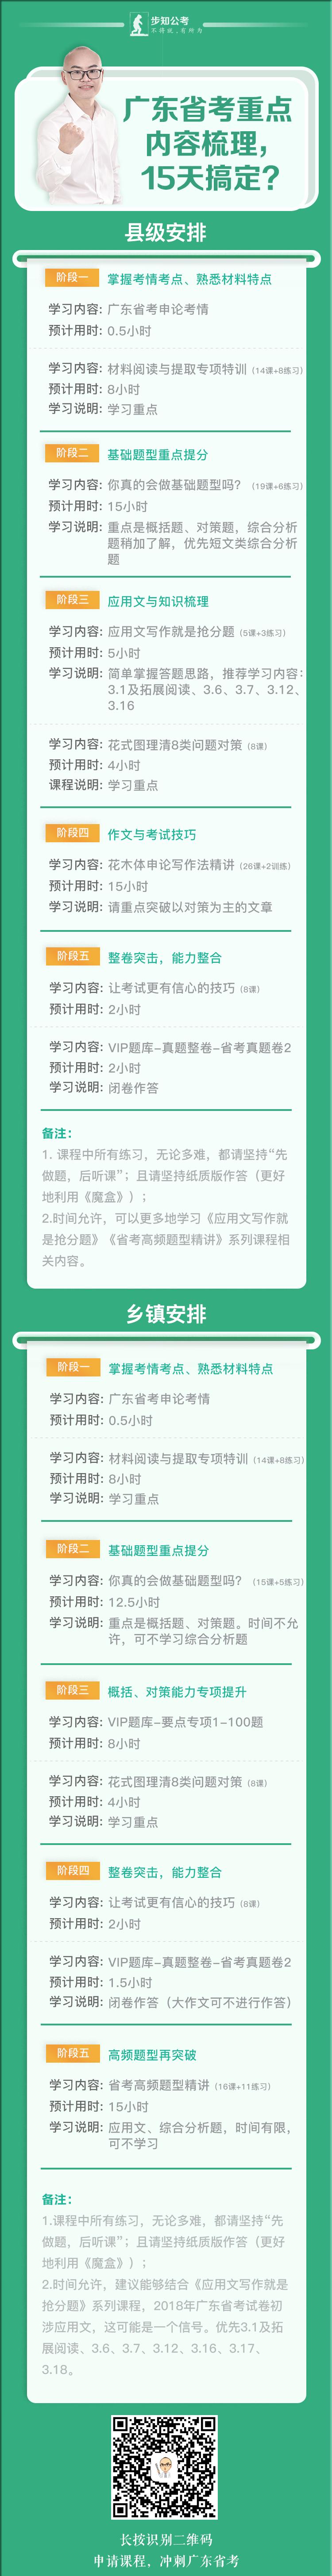 广东省考重点内容梳理,15天搞定?(2).png